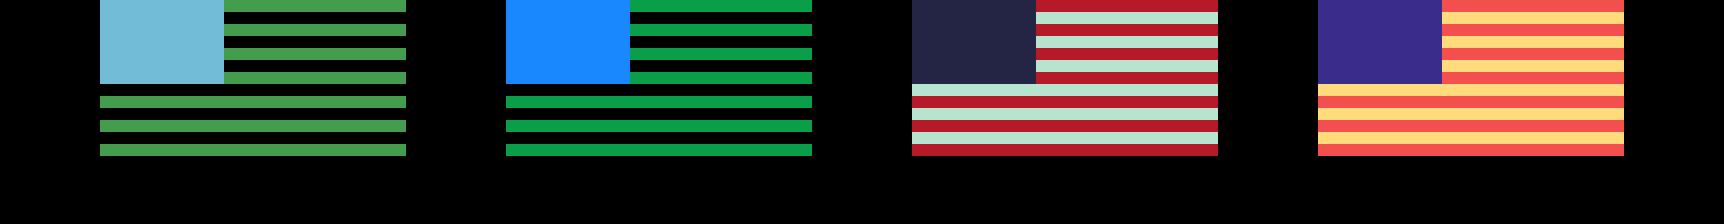 Unconventional campaign colors